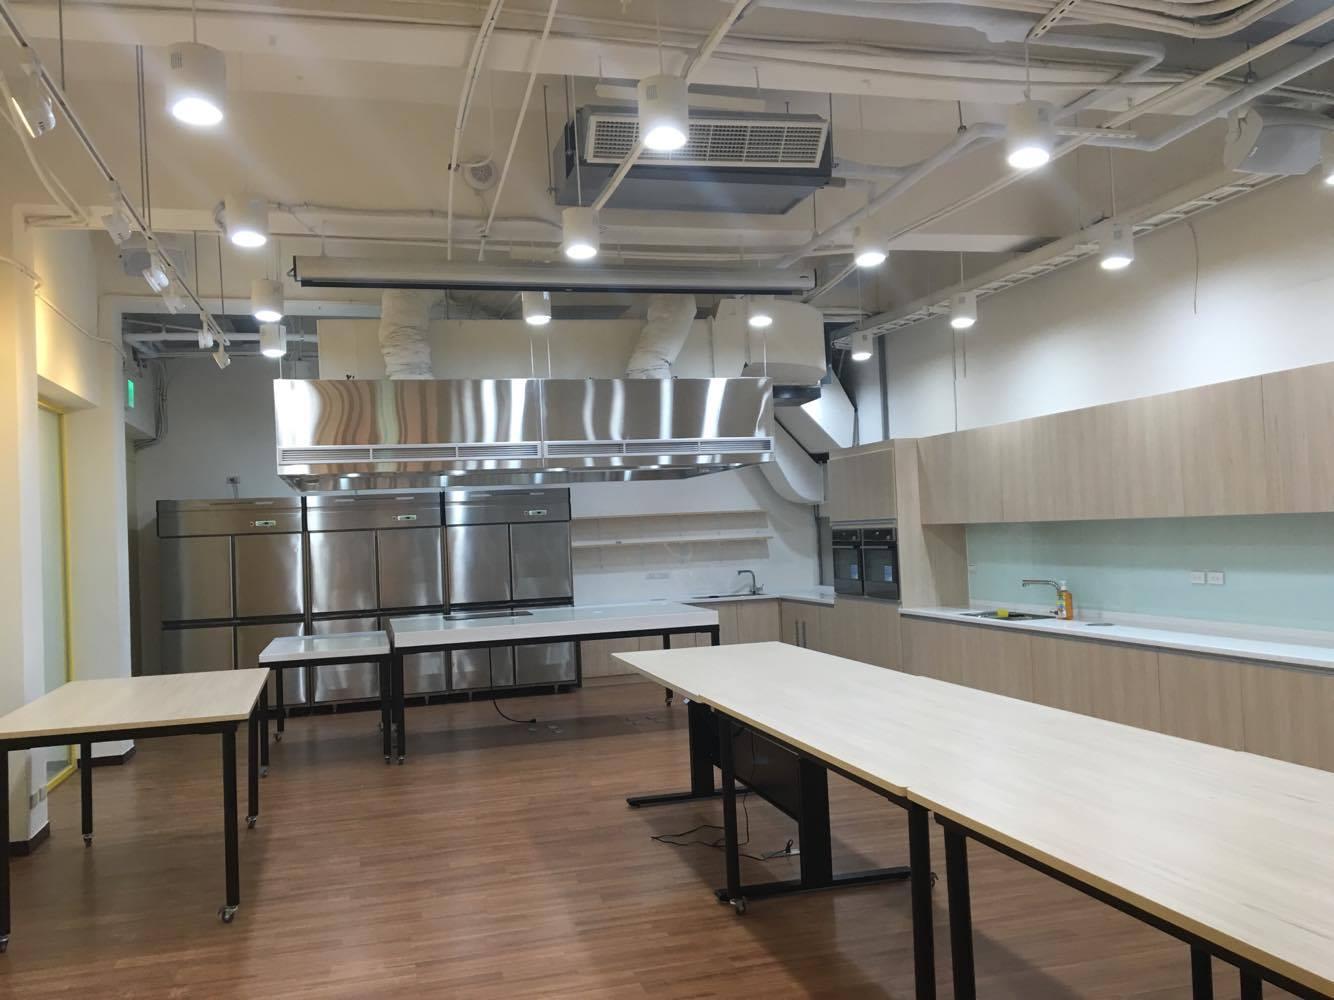 1樓廚藝教室空間示意圖二